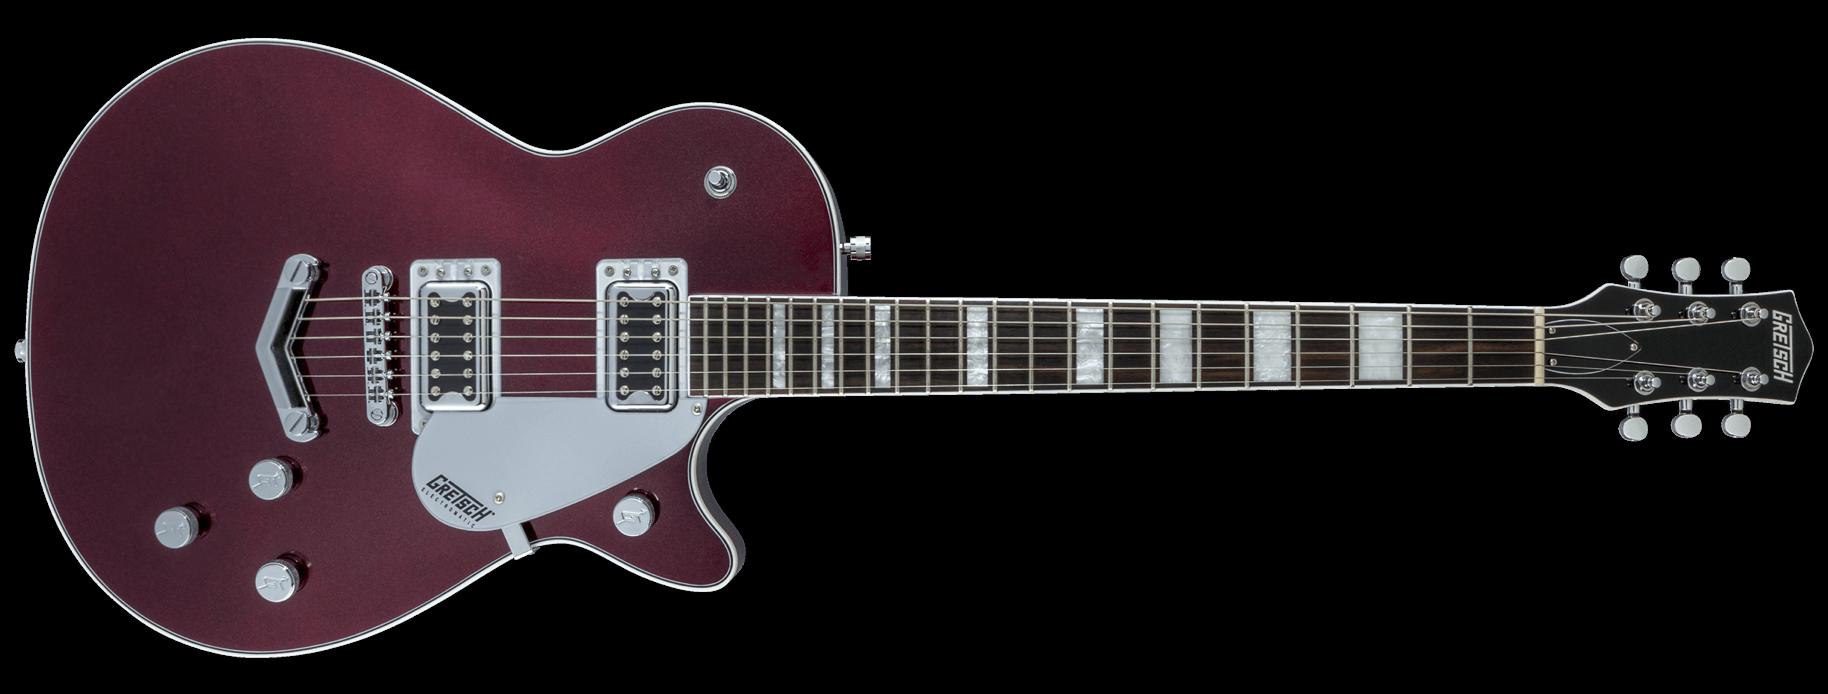 Gretsch Electromatic G5220 Jet BT Dark Cherry Metallic